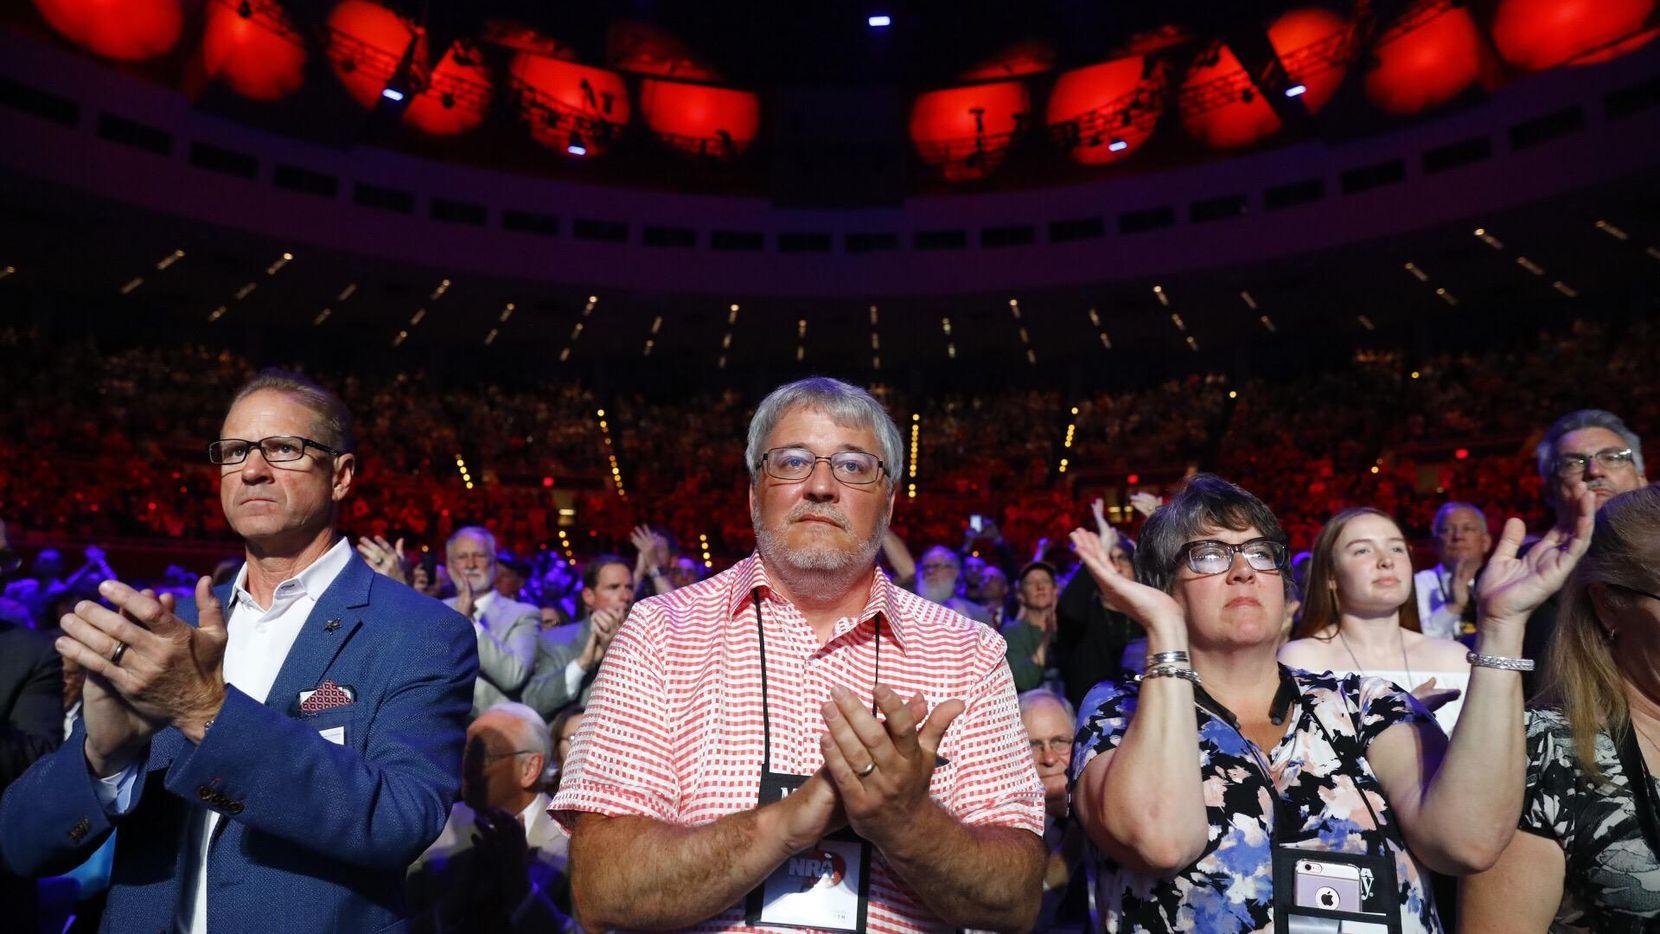 Cientos de simpatizantes del NRA llegaron hasta Dallas para la convención nacional de la organización y escucharon al presidente Donald Trump. (DMN/TOM FOX)